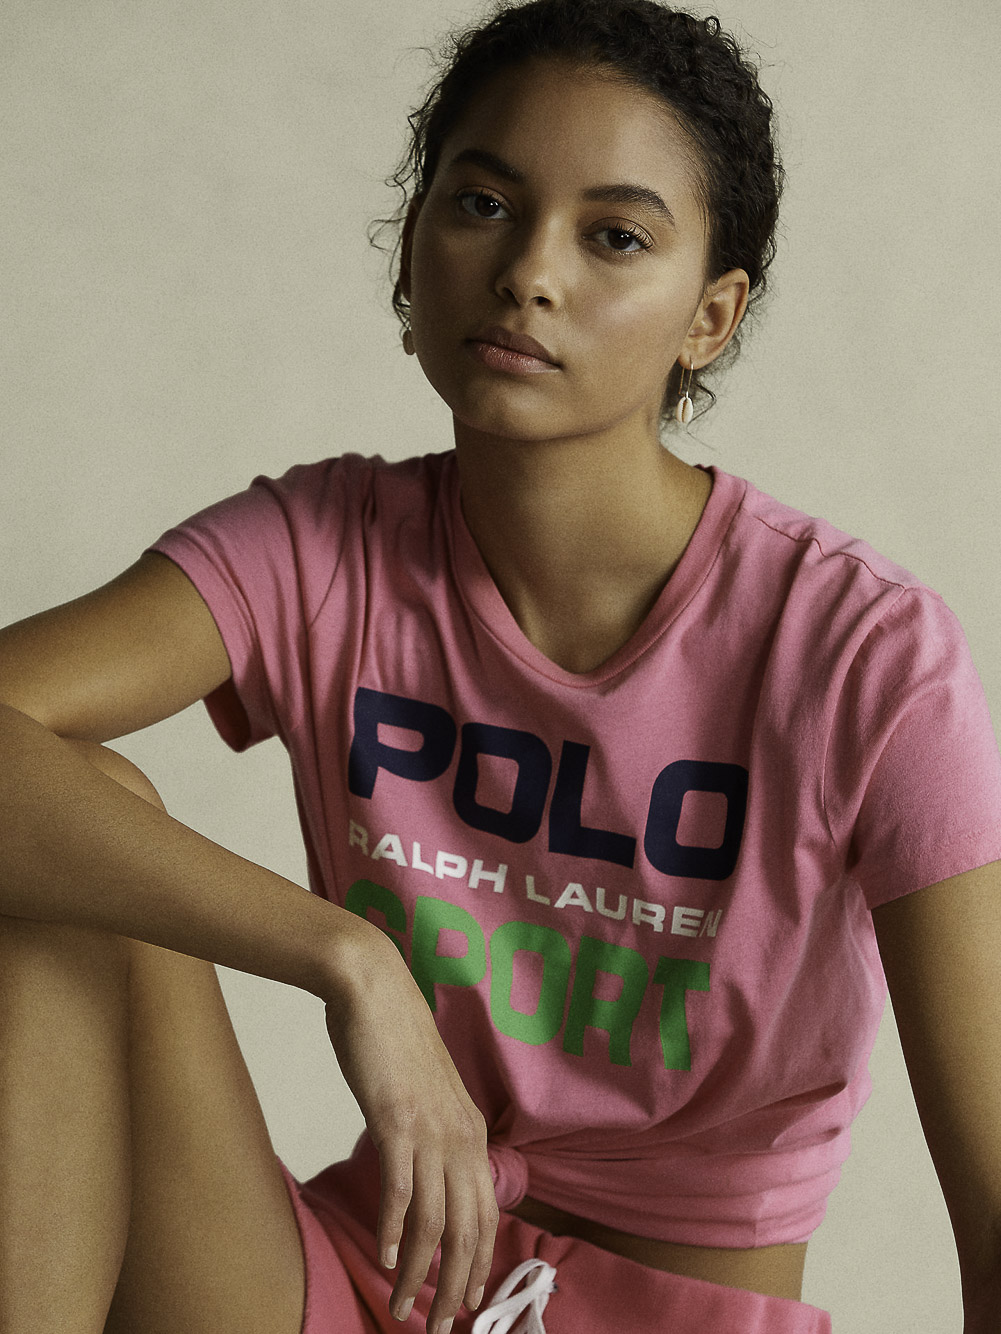 POLO RALPH LAUREN Μπλούζα T-Shirt 211838079005 ΡΟΖ